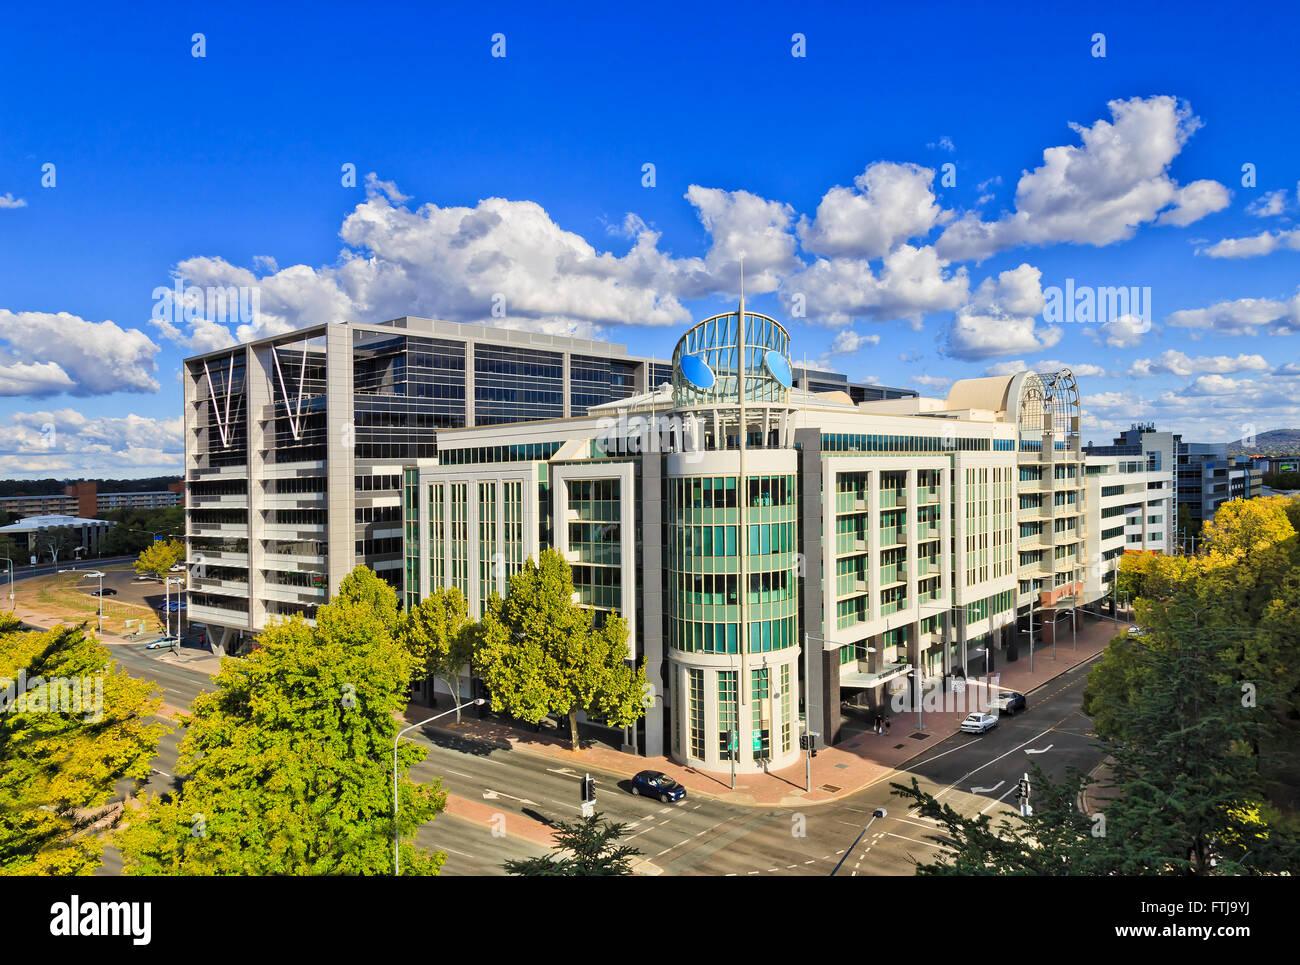 Moderne Architektur Büro  Und Wohnhäuser In Canberra Innenstadt An Einem  Sonnigen Sommertag   Straßen Kreuzen Zwischen Den Häusern